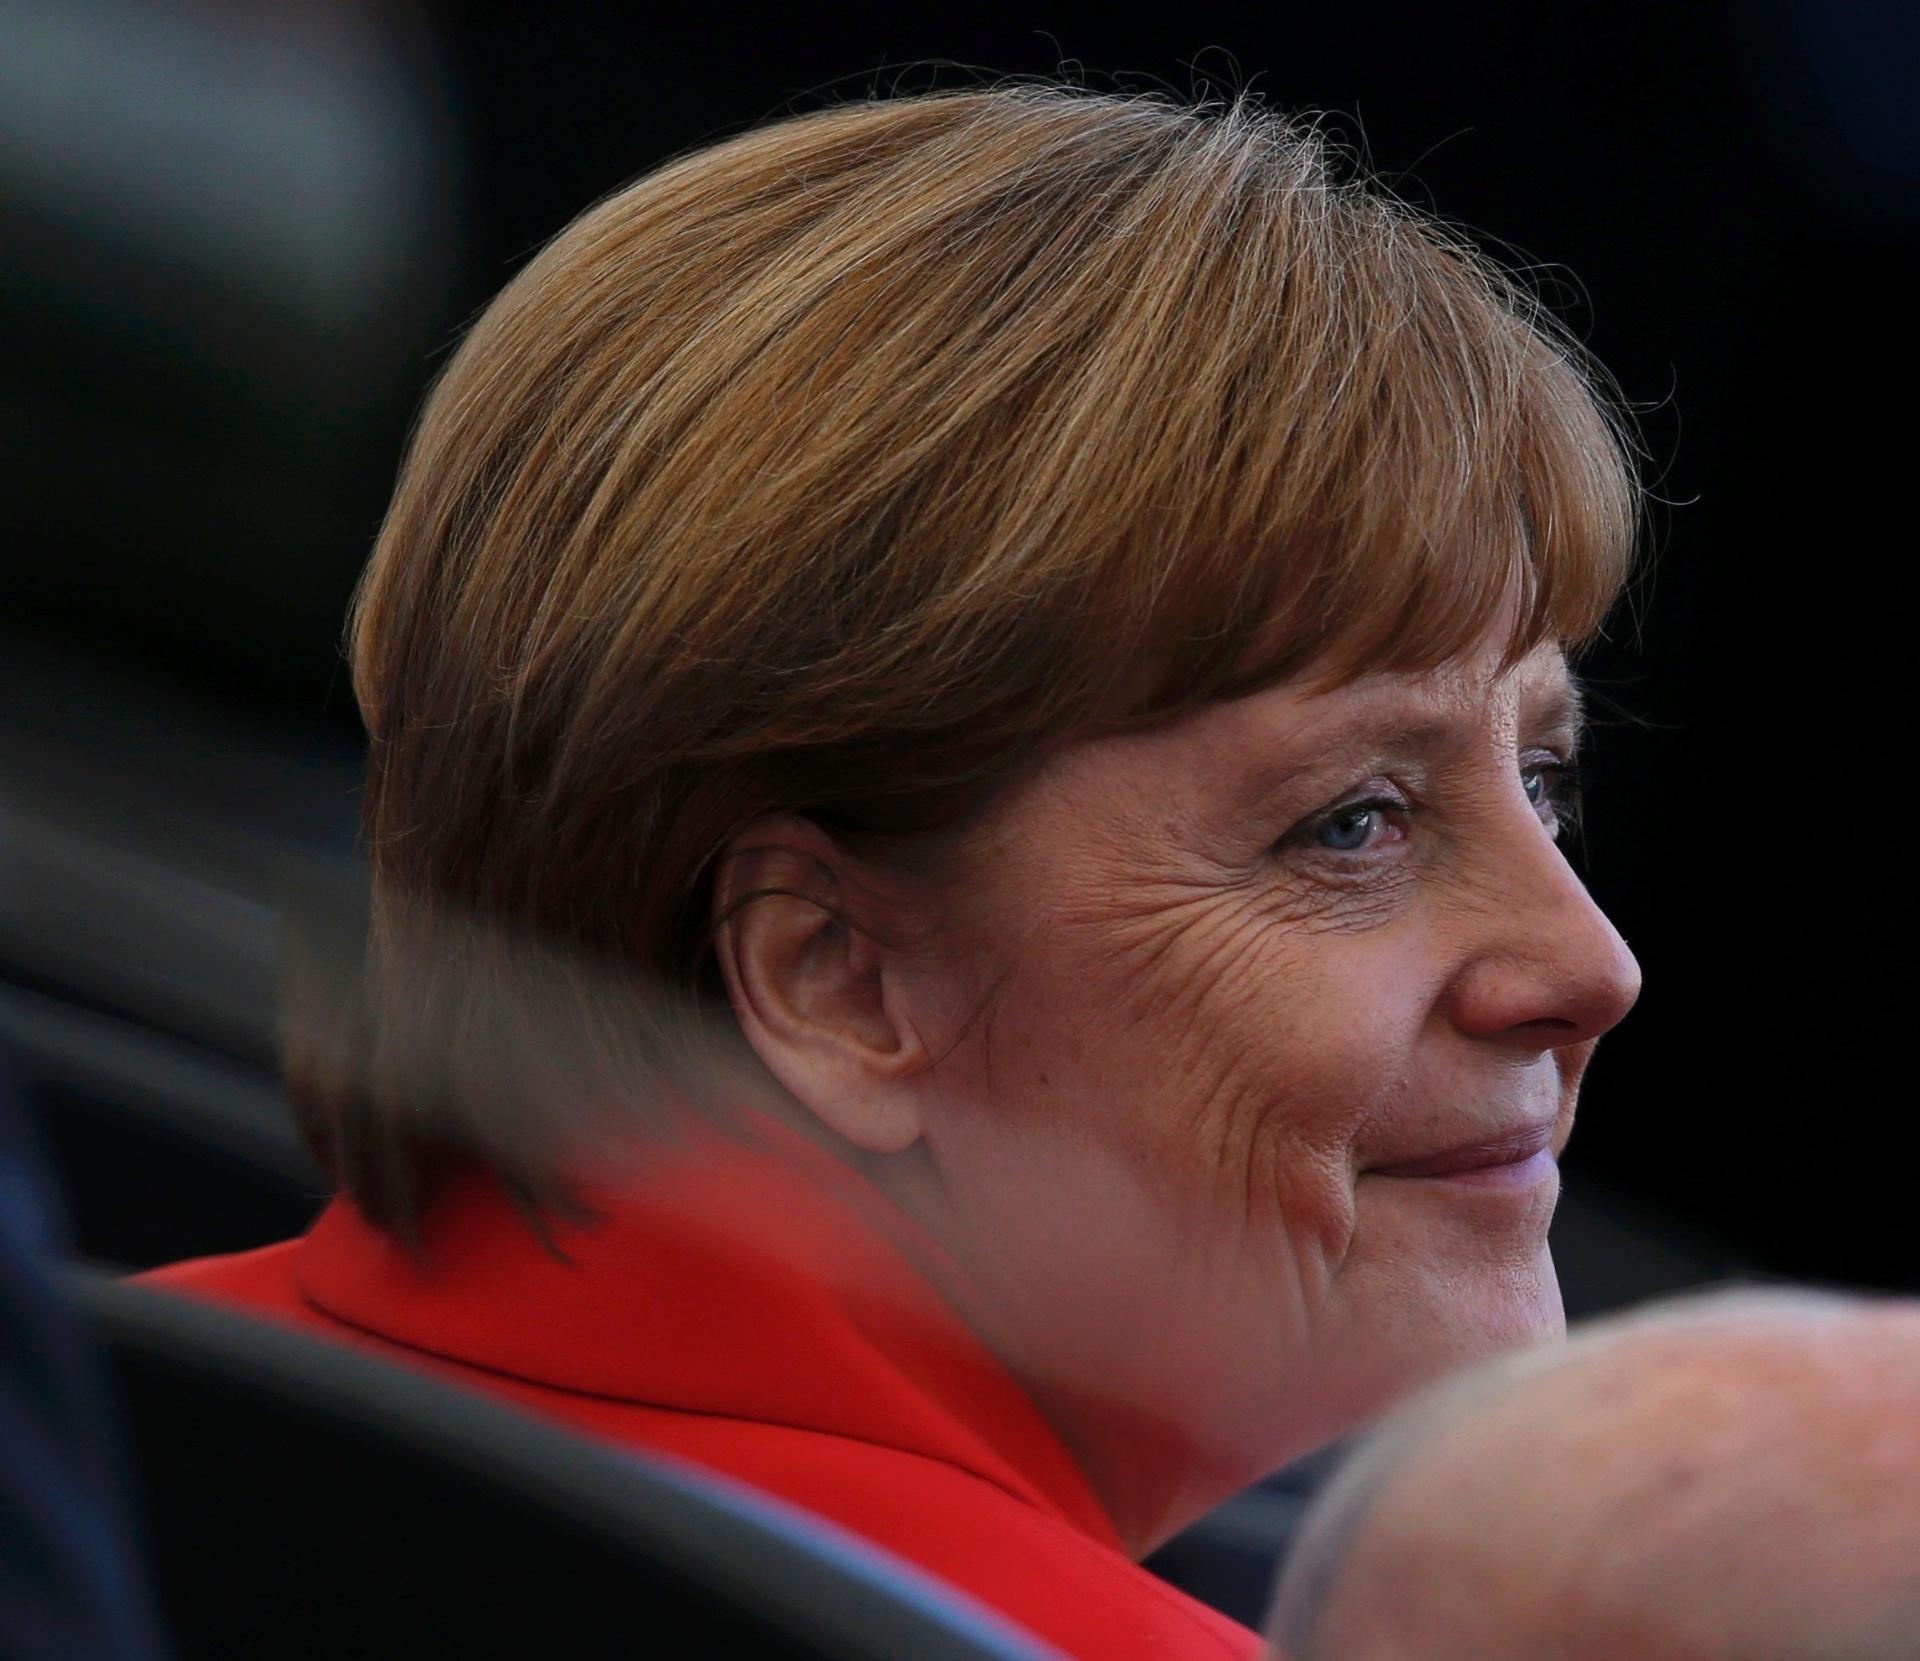 Chanceler Angela Merkel está no Maracanã para a final da Copa do Mundo